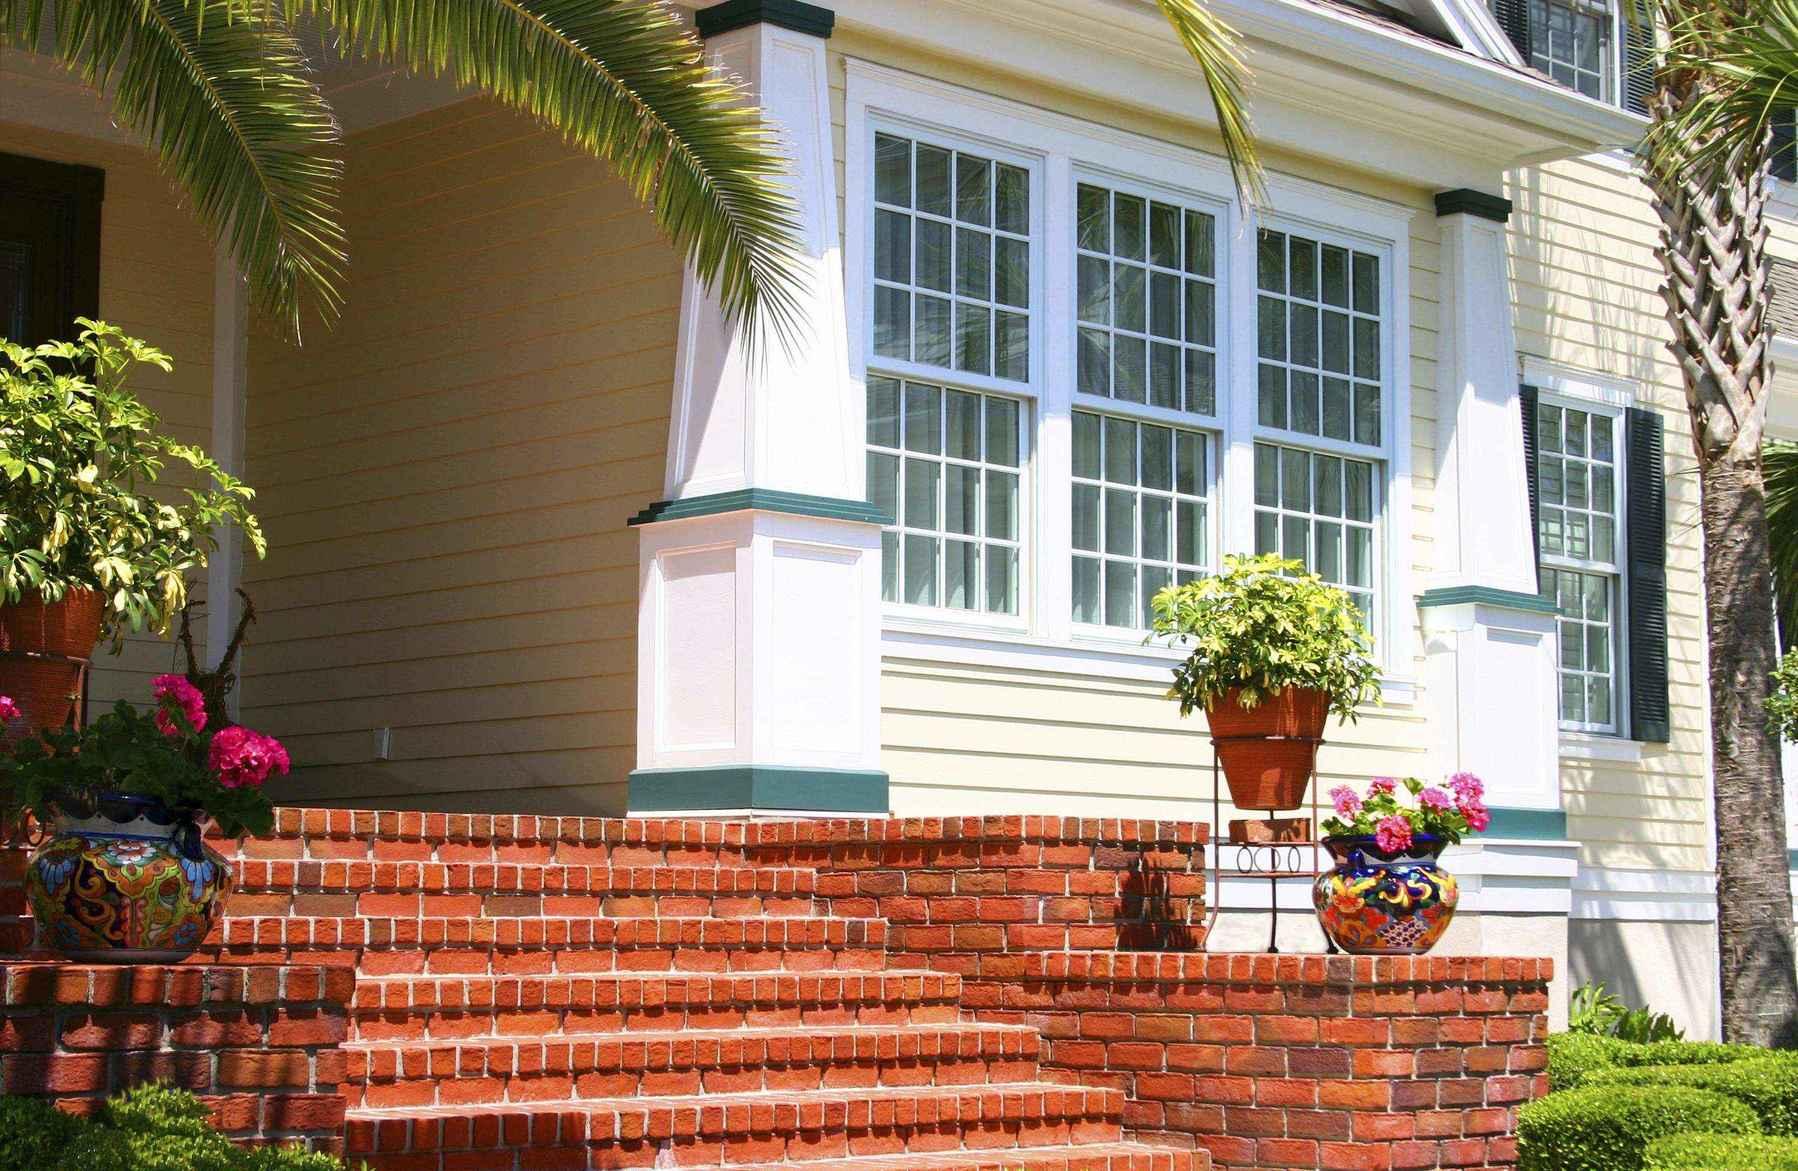 Крыльцо дома из кирпича: фото крыльца кирпичного дома 64